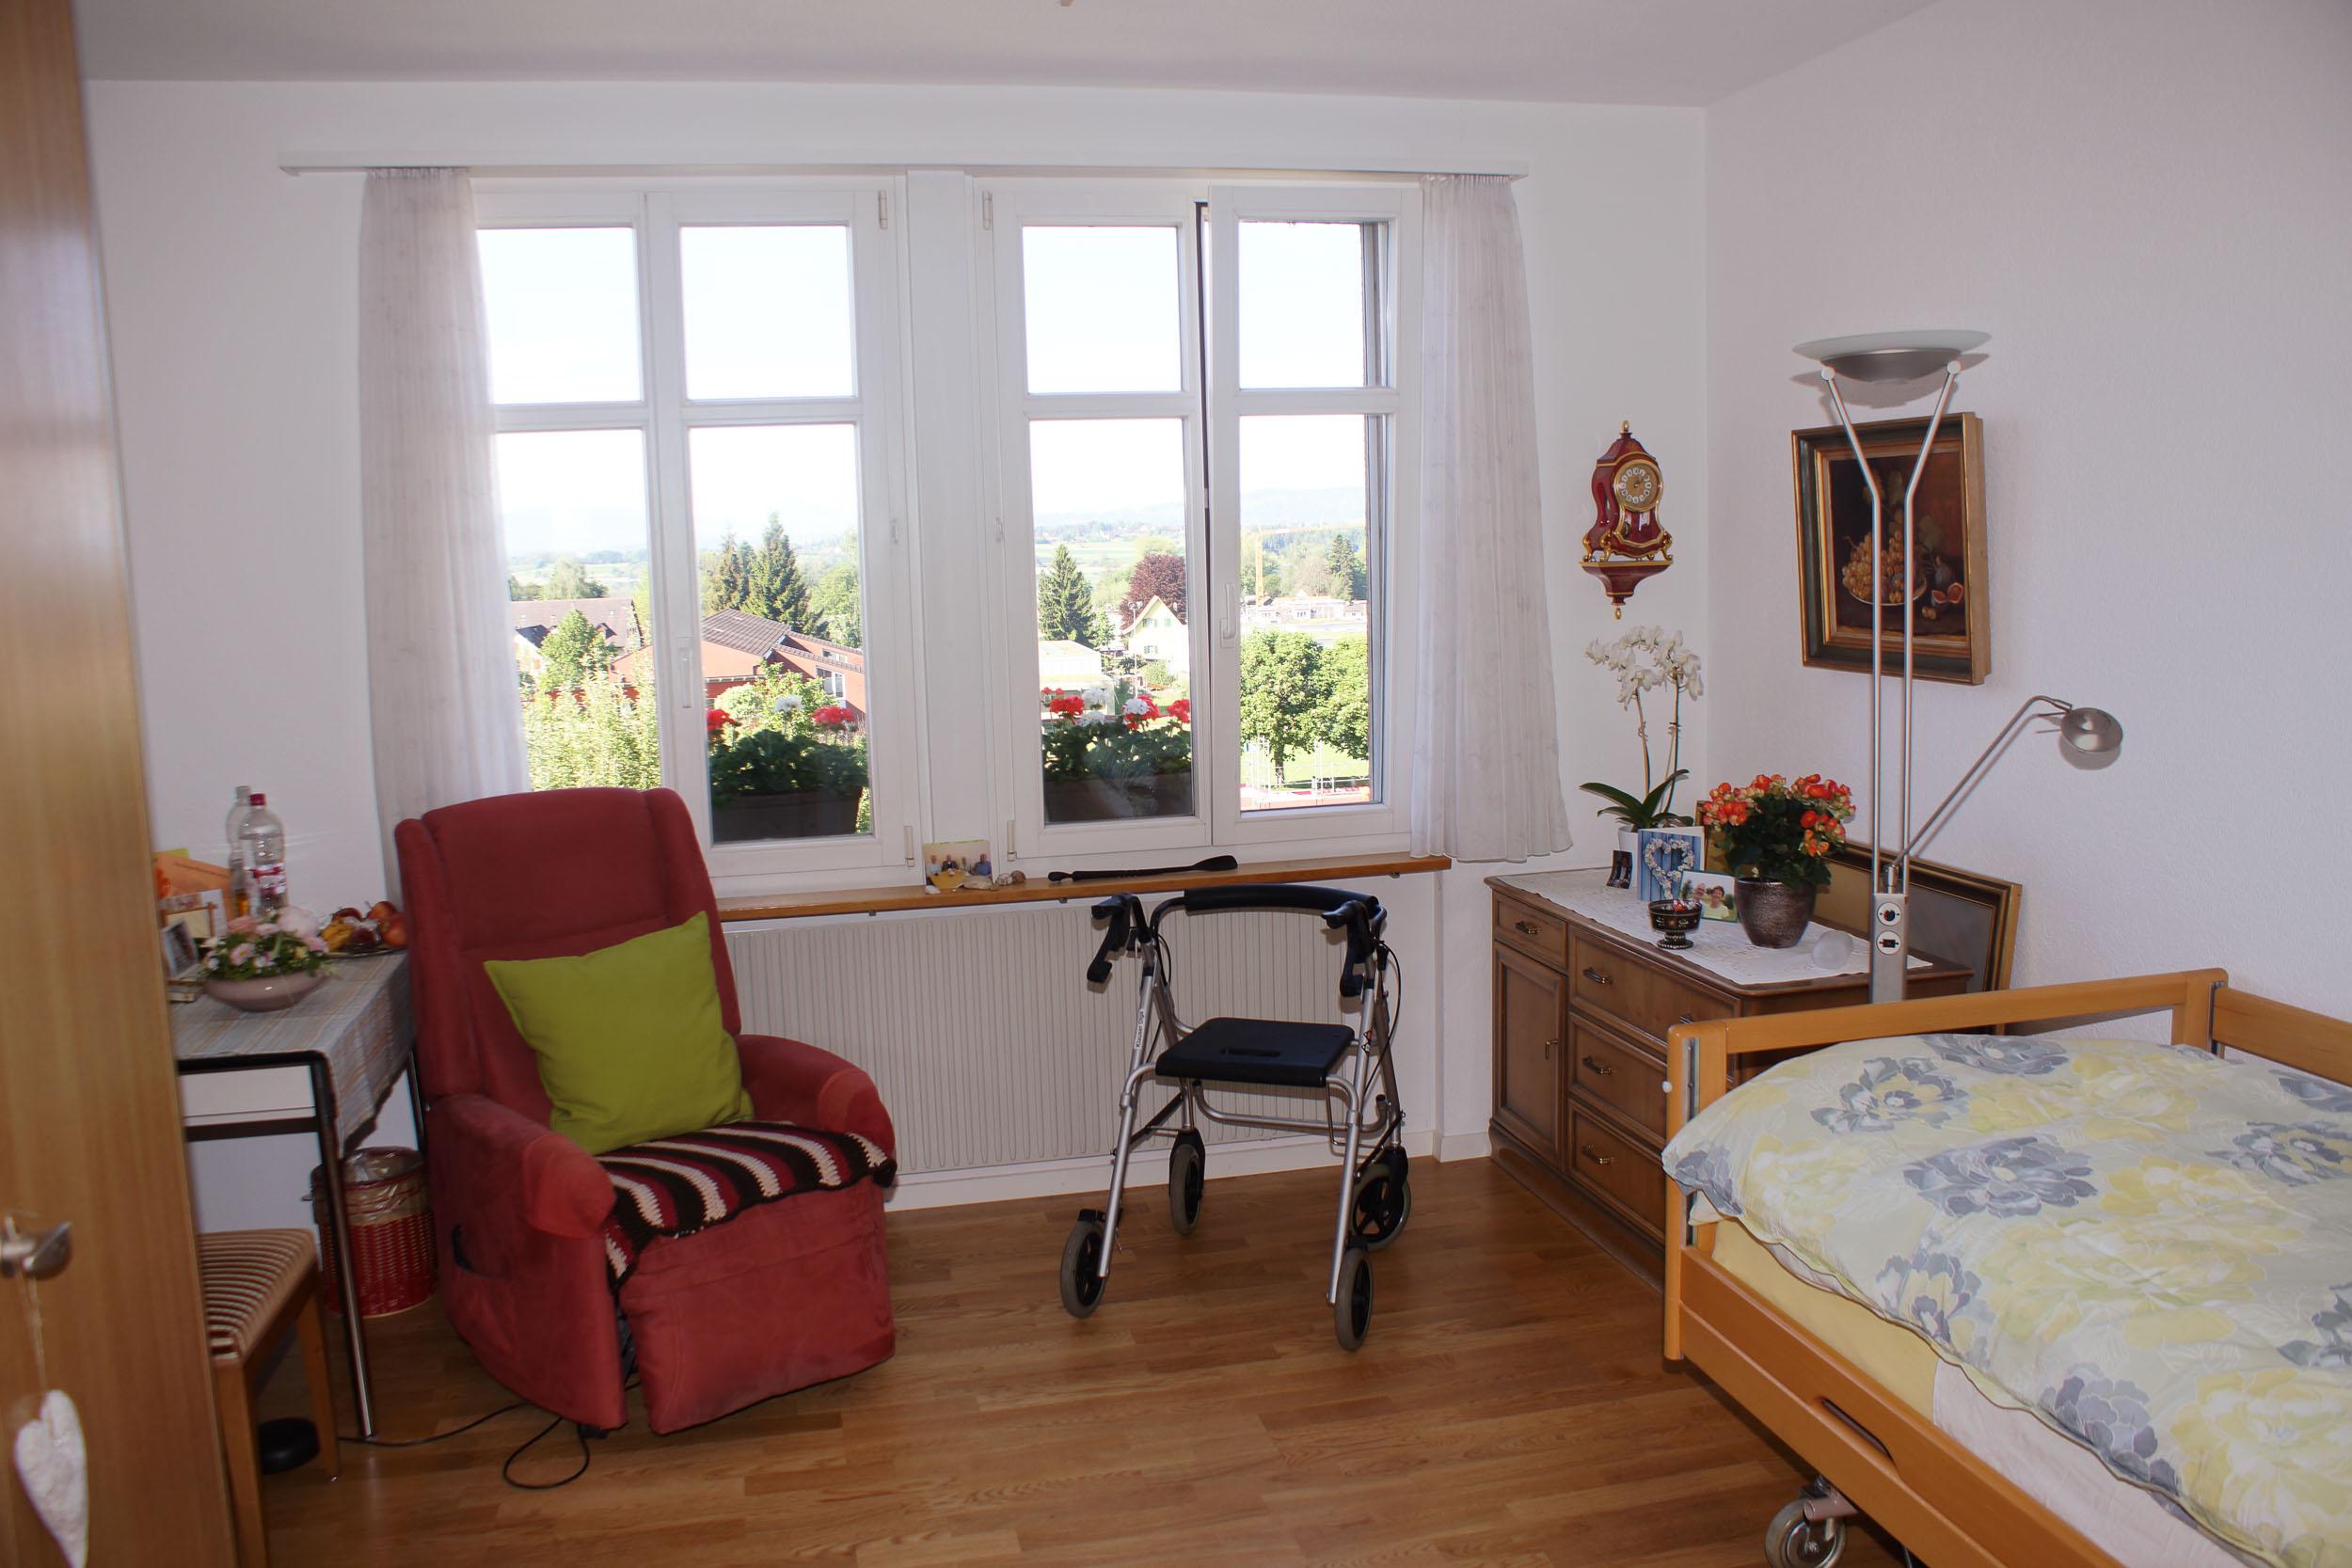 zimmer wohnen im wohn und alterszentrum neuhof pf ffikon zh wohn und alterszentrum neuhof. Black Bedroom Furniture Sets. Home Design Ideas